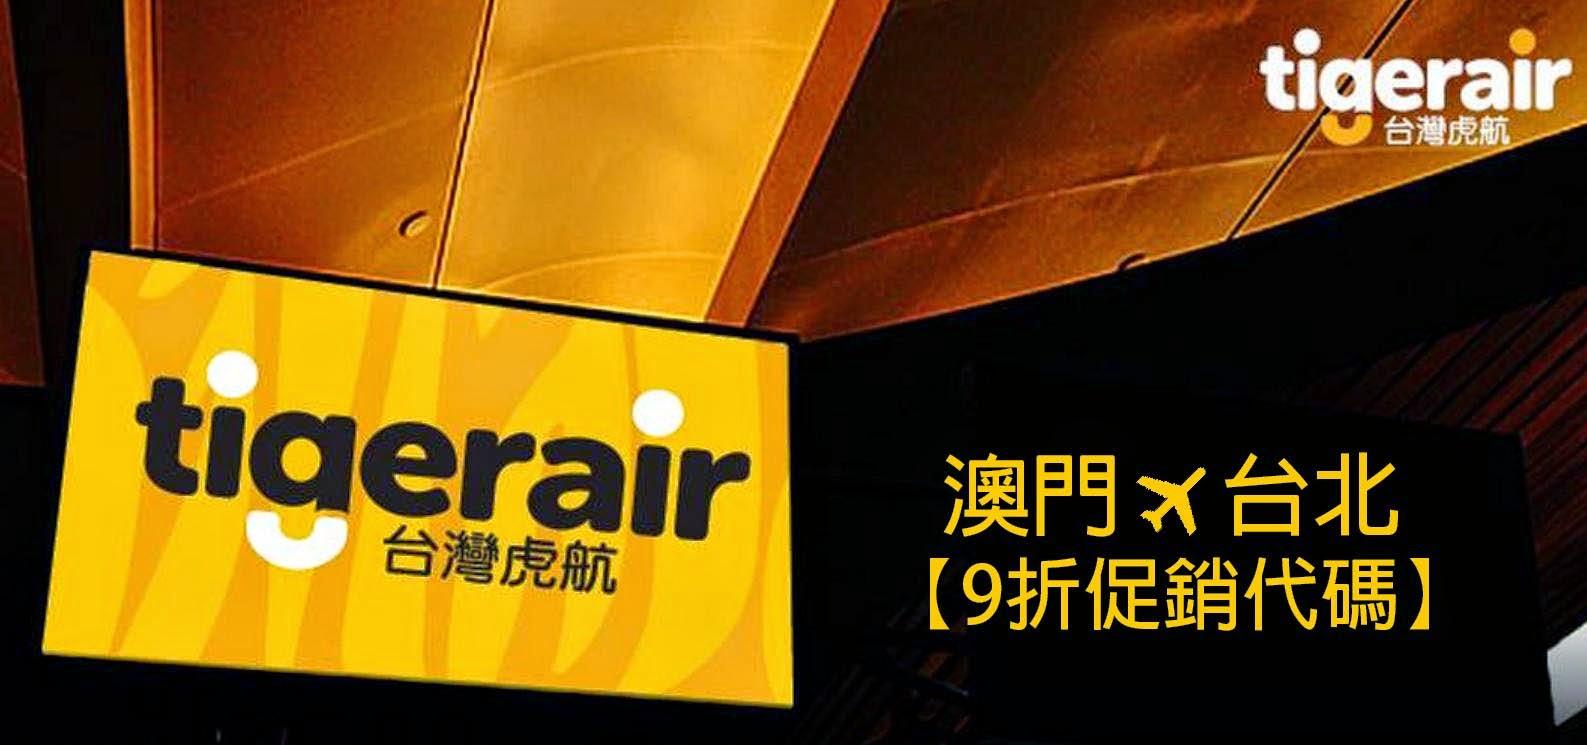 虎航Tigerair- 澳門飛高雄/台北【再平左】,使用「9折促銷代碼」來回連稅只需HK$716起!